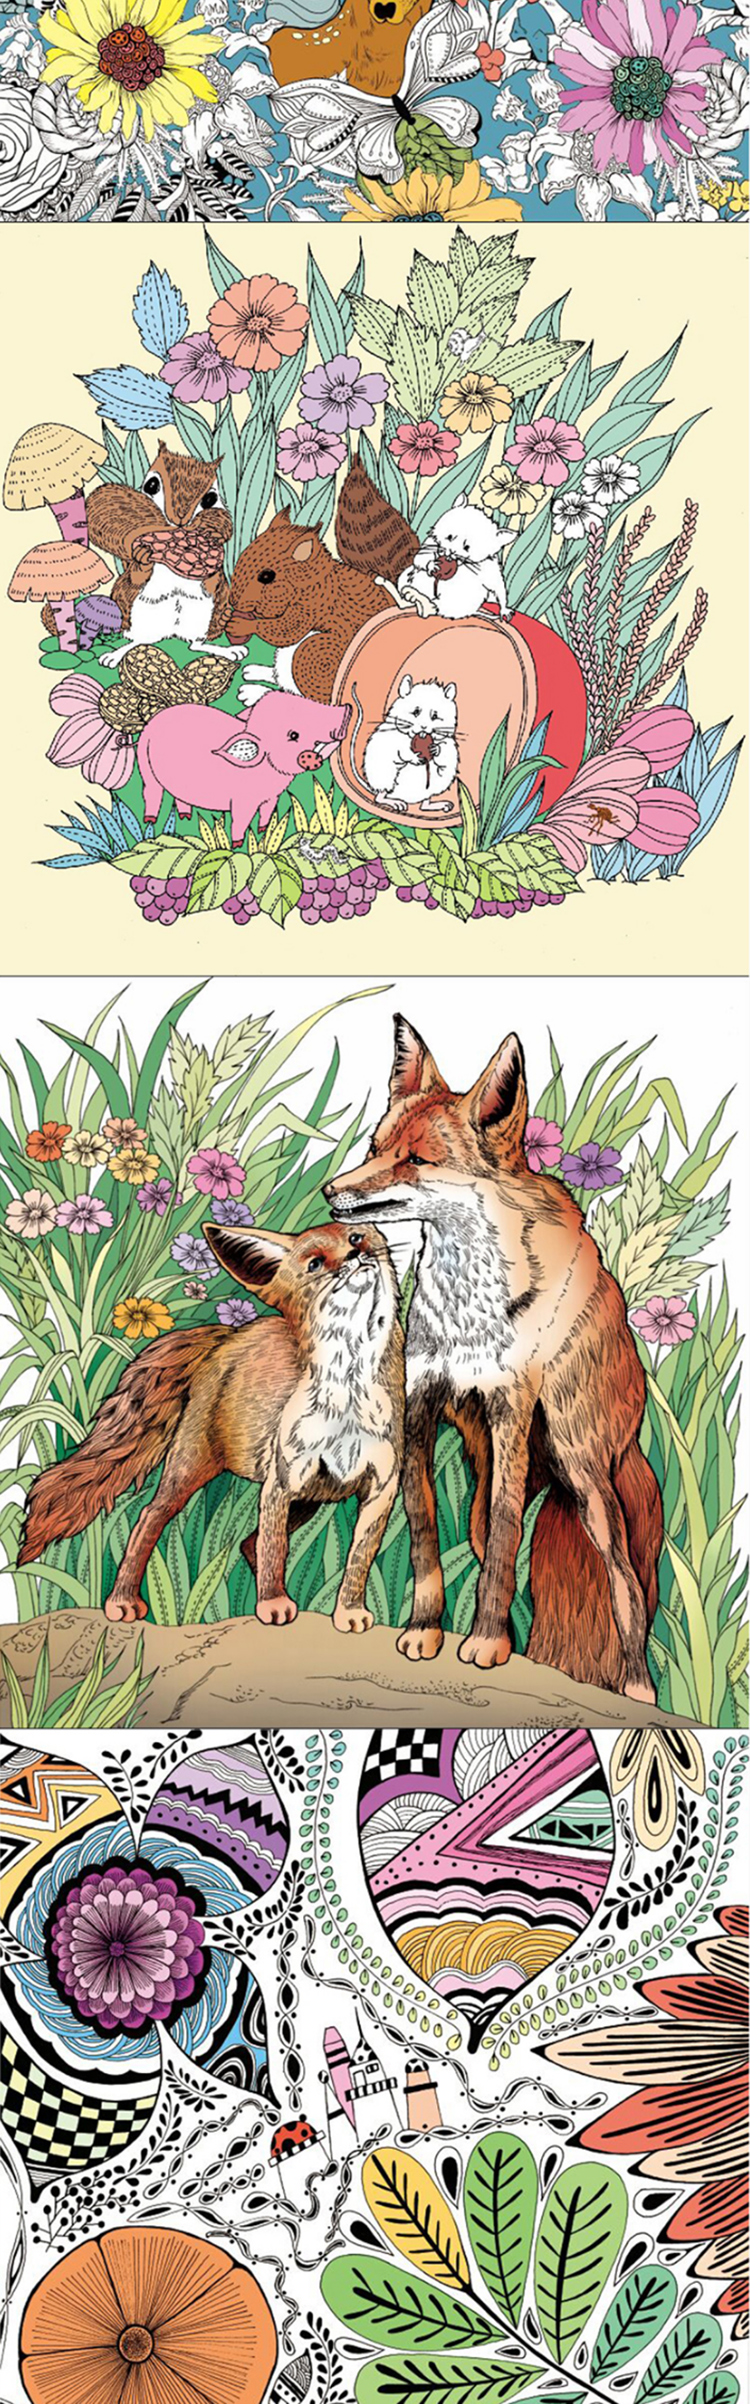 创意涂鸦填色图书籍 韩国艺术绘画本秘密花园魔法森林奇.